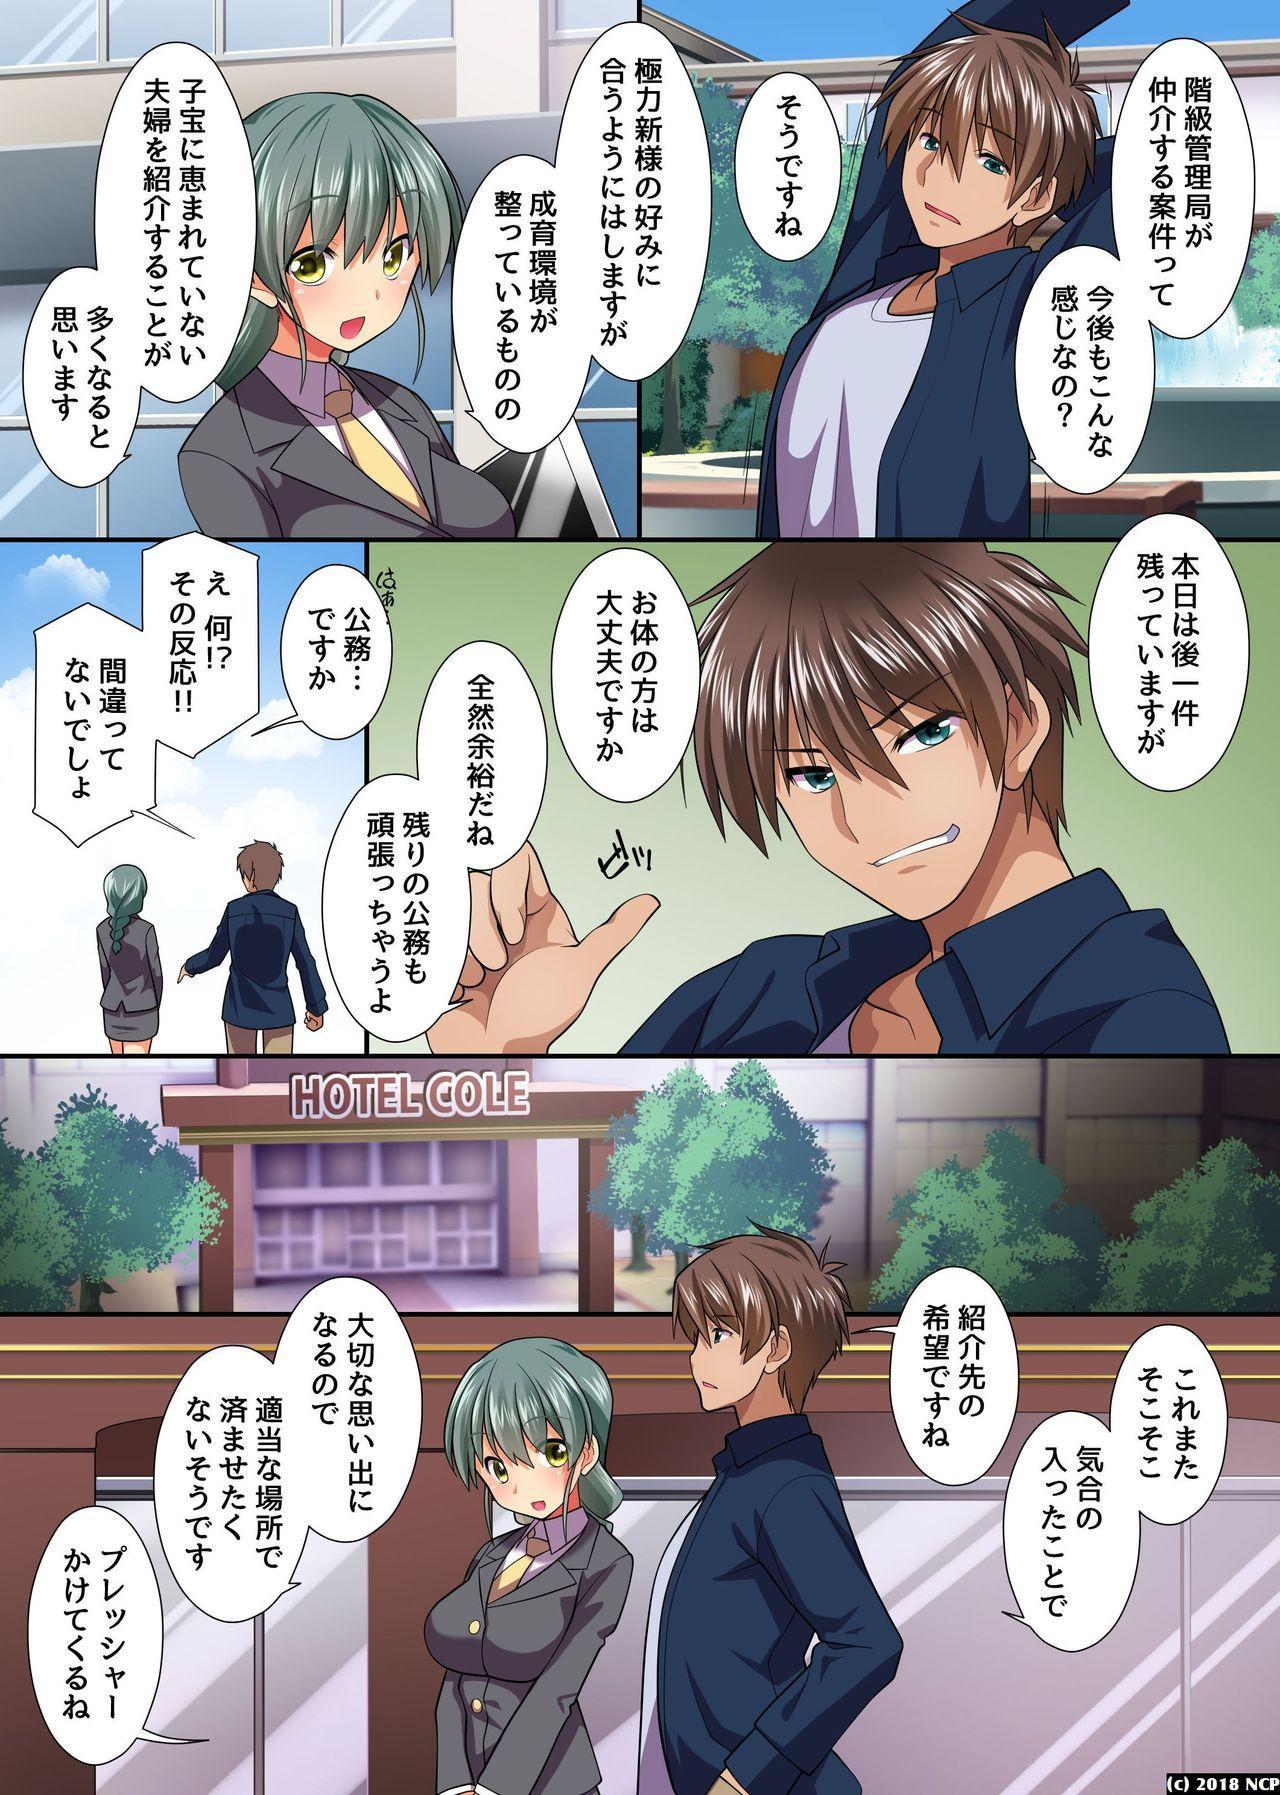 Hitozuma tomo gou hou teki niyari houdai~Seishi wo watashi no chitsu ni buchikonde kudasai! 12